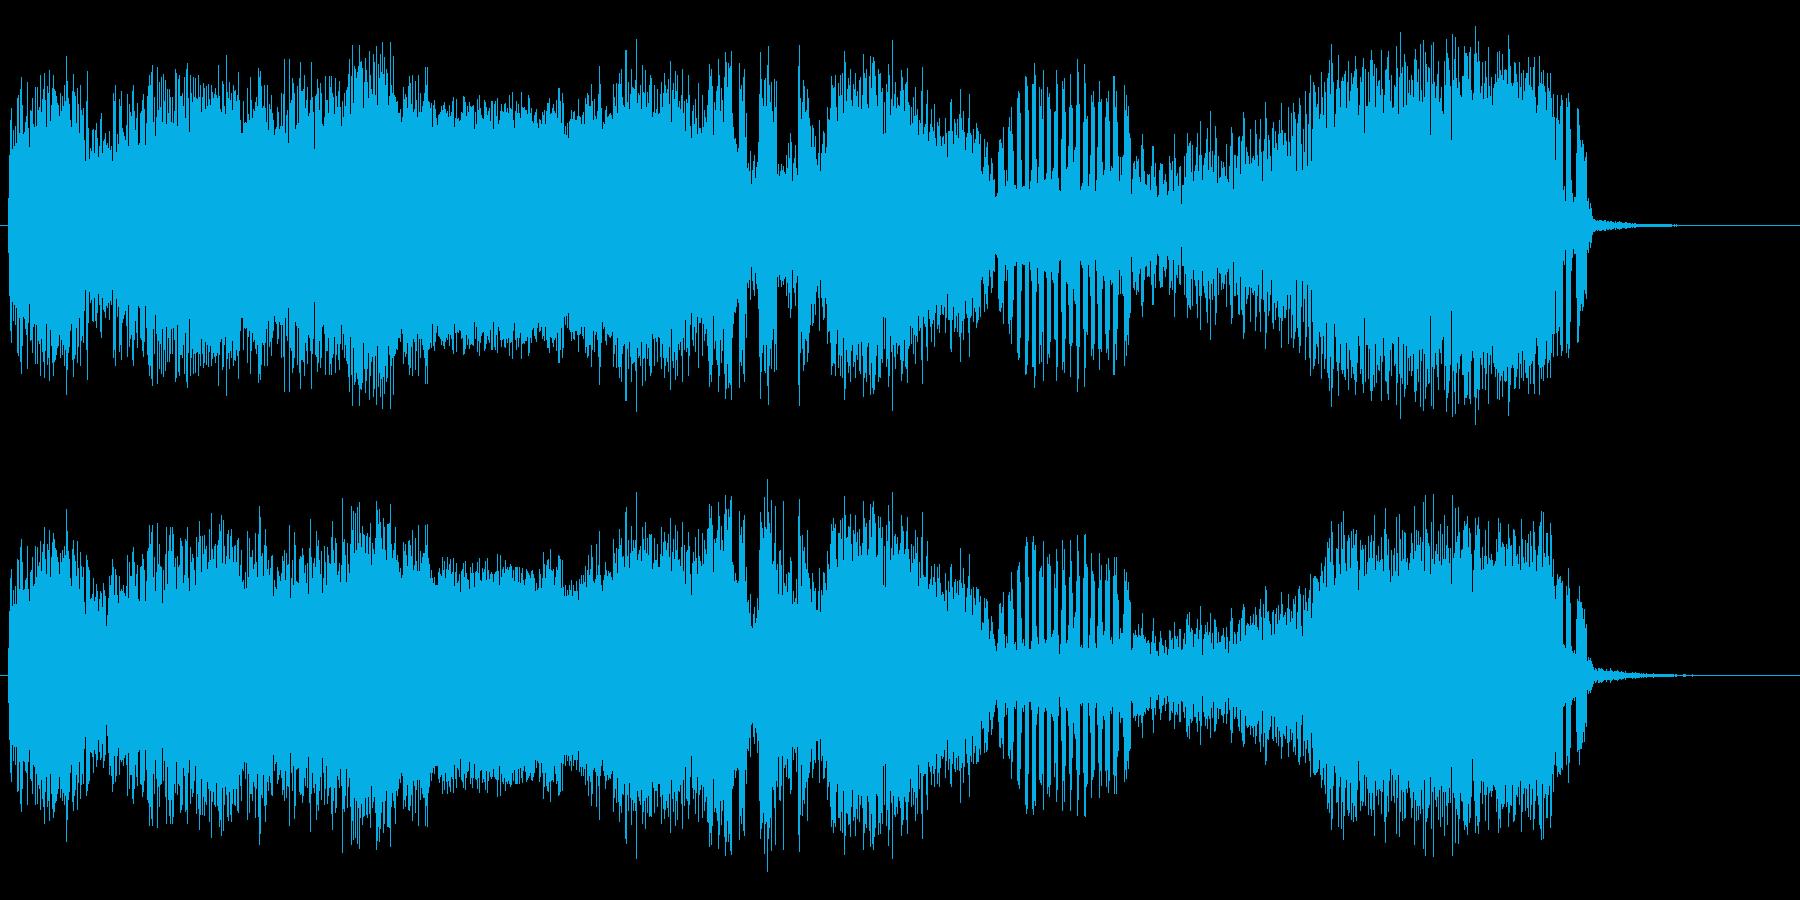 マイナー乱気流の再生済みの波形